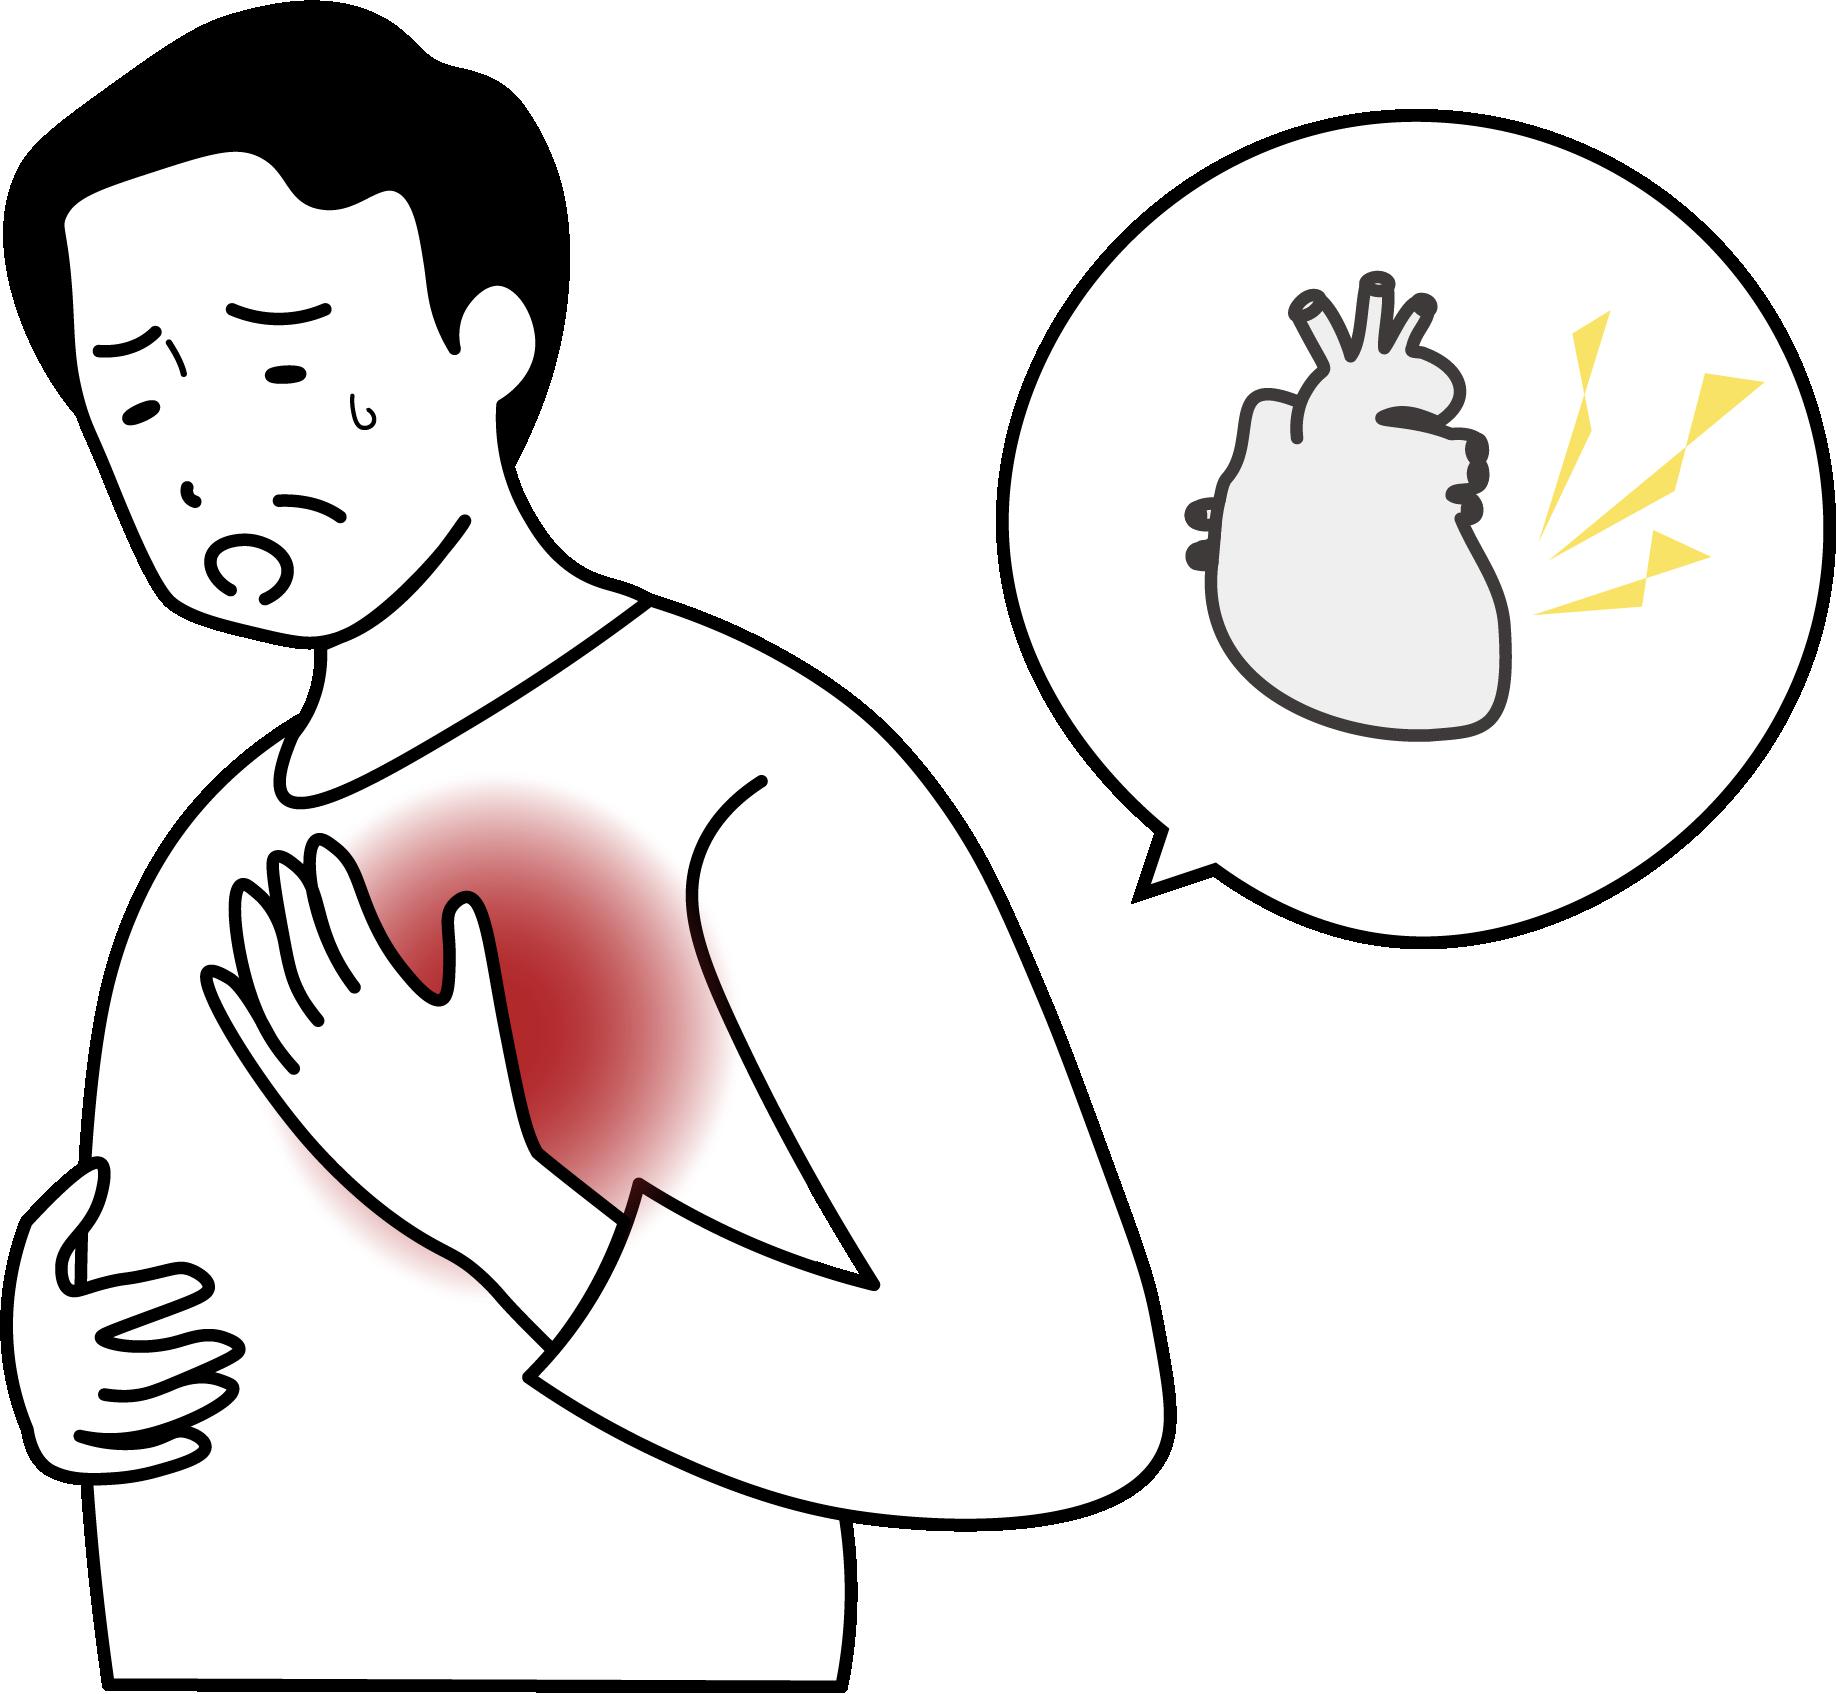 新型コロナワクチン接種後、心筋炎・心膜炎をどれくらい発症するか?